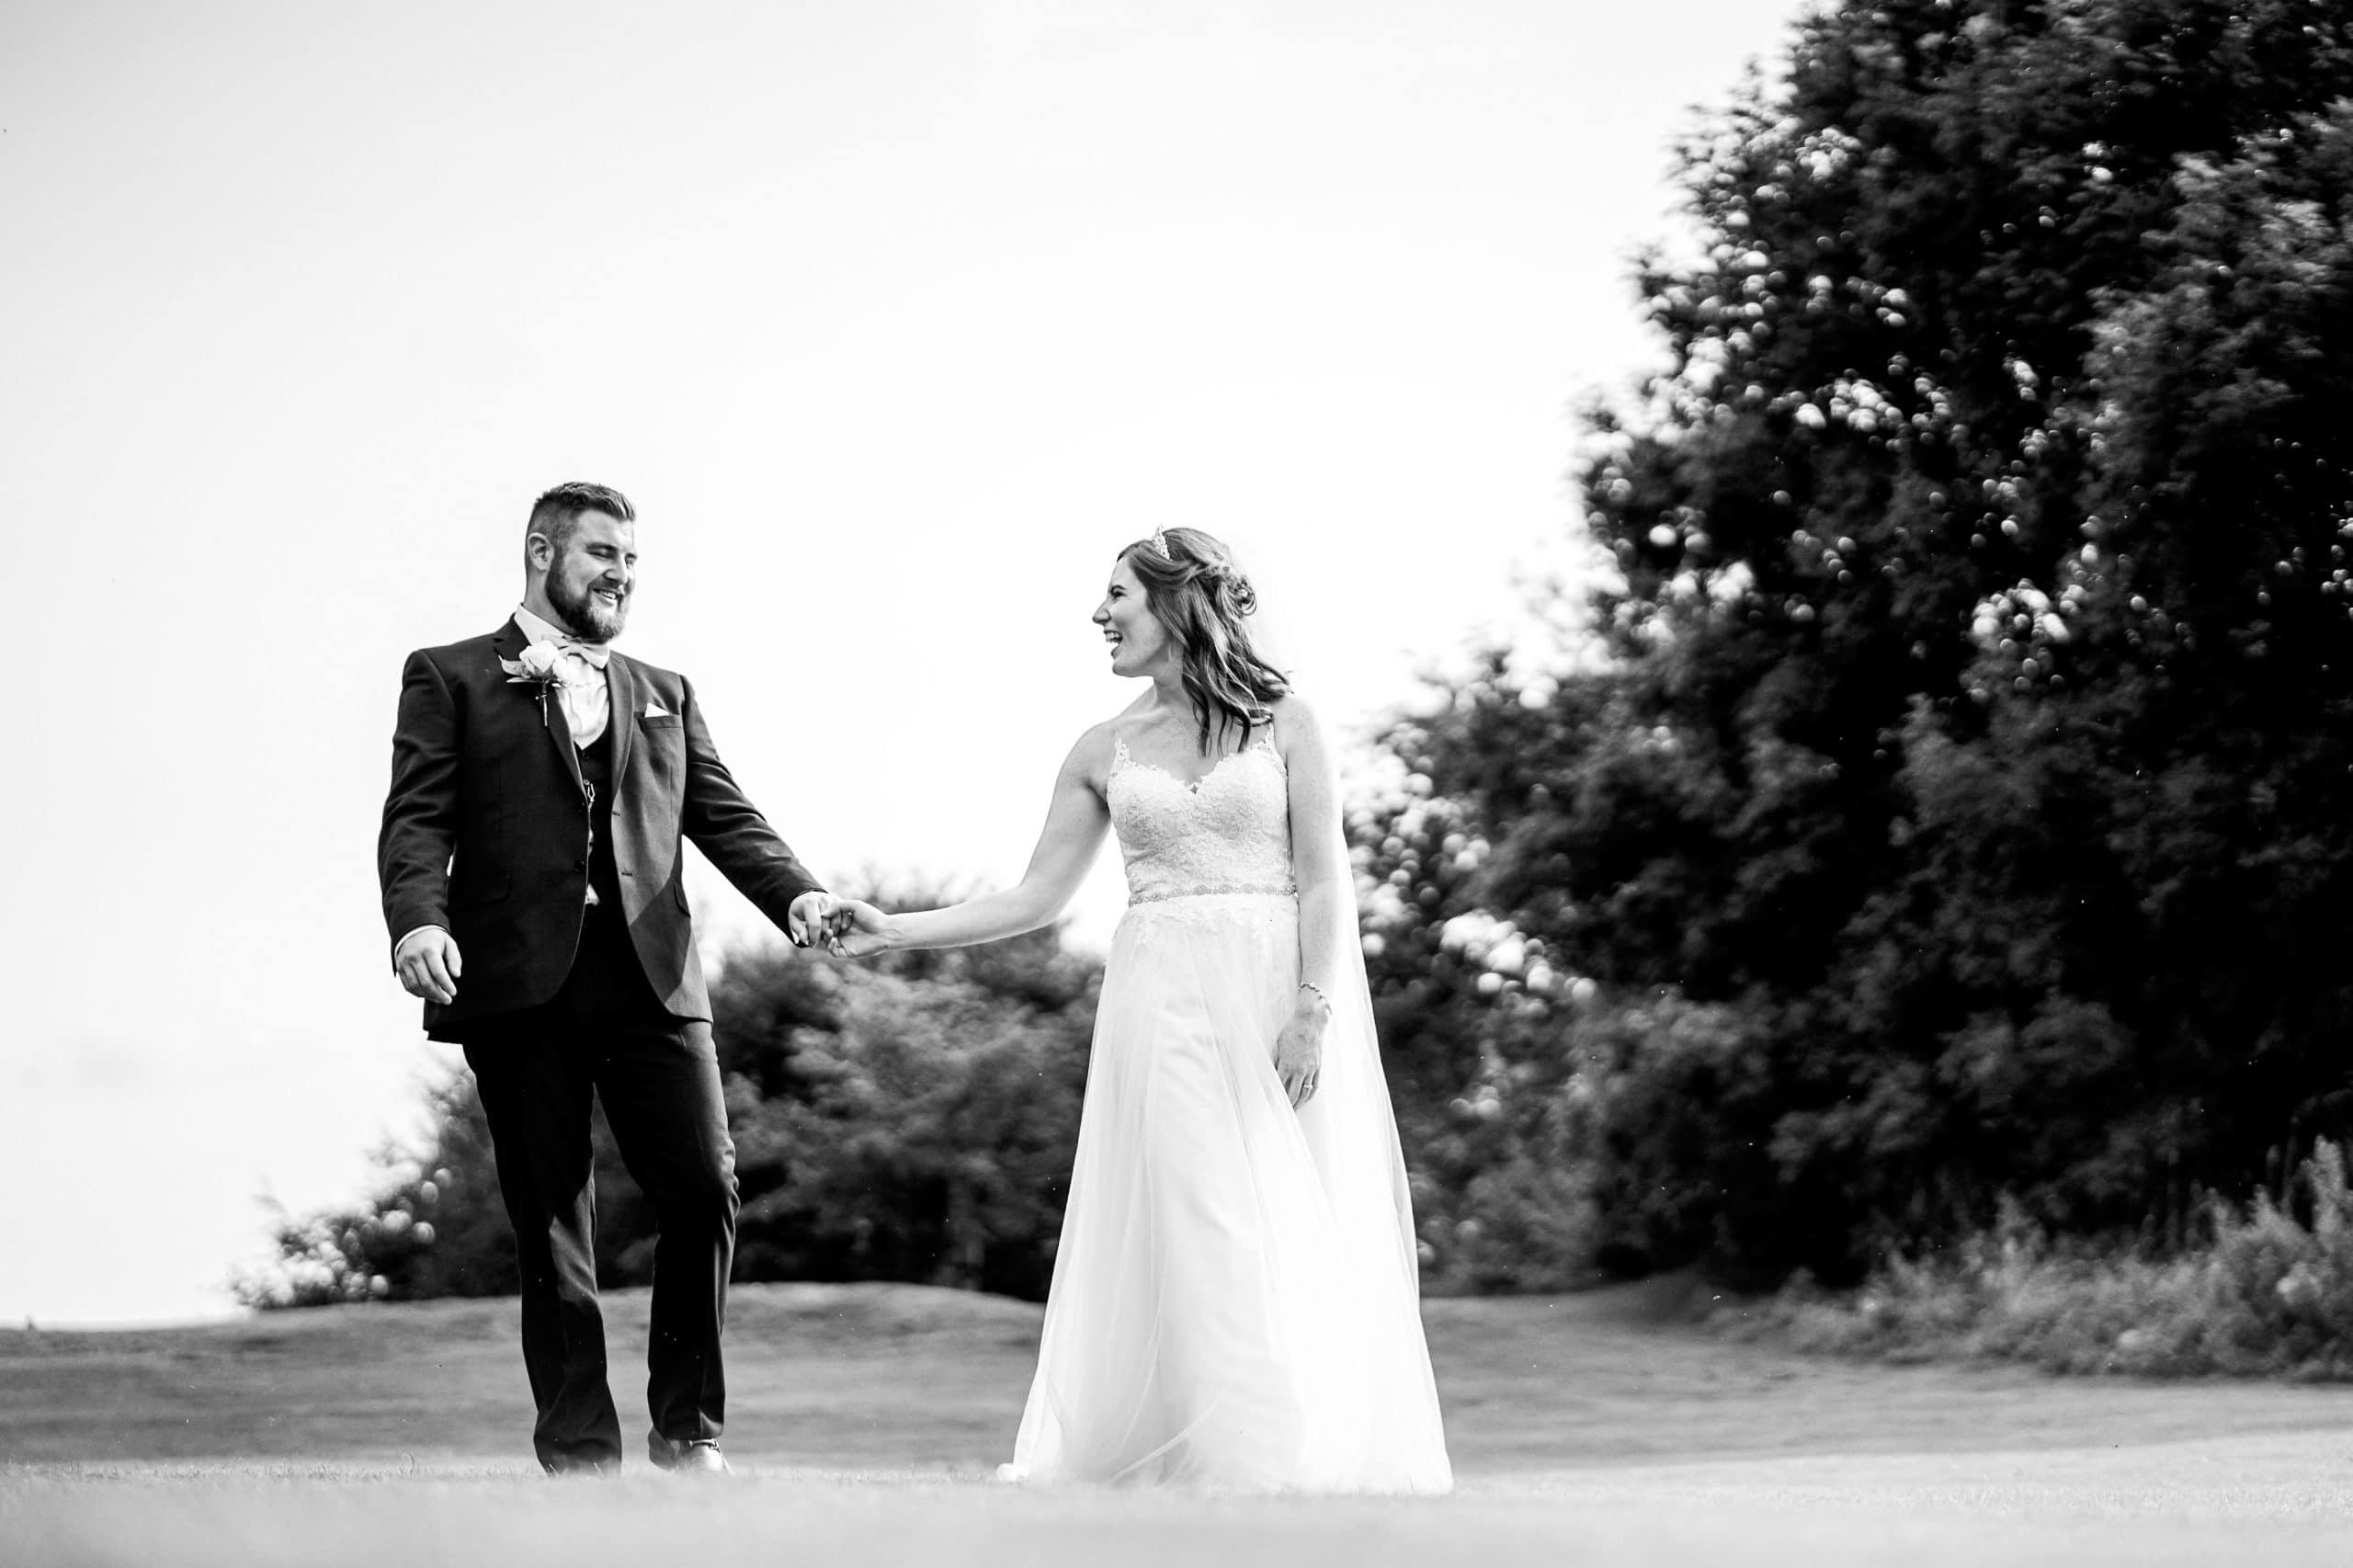 normanton-church-wedding-photography-30